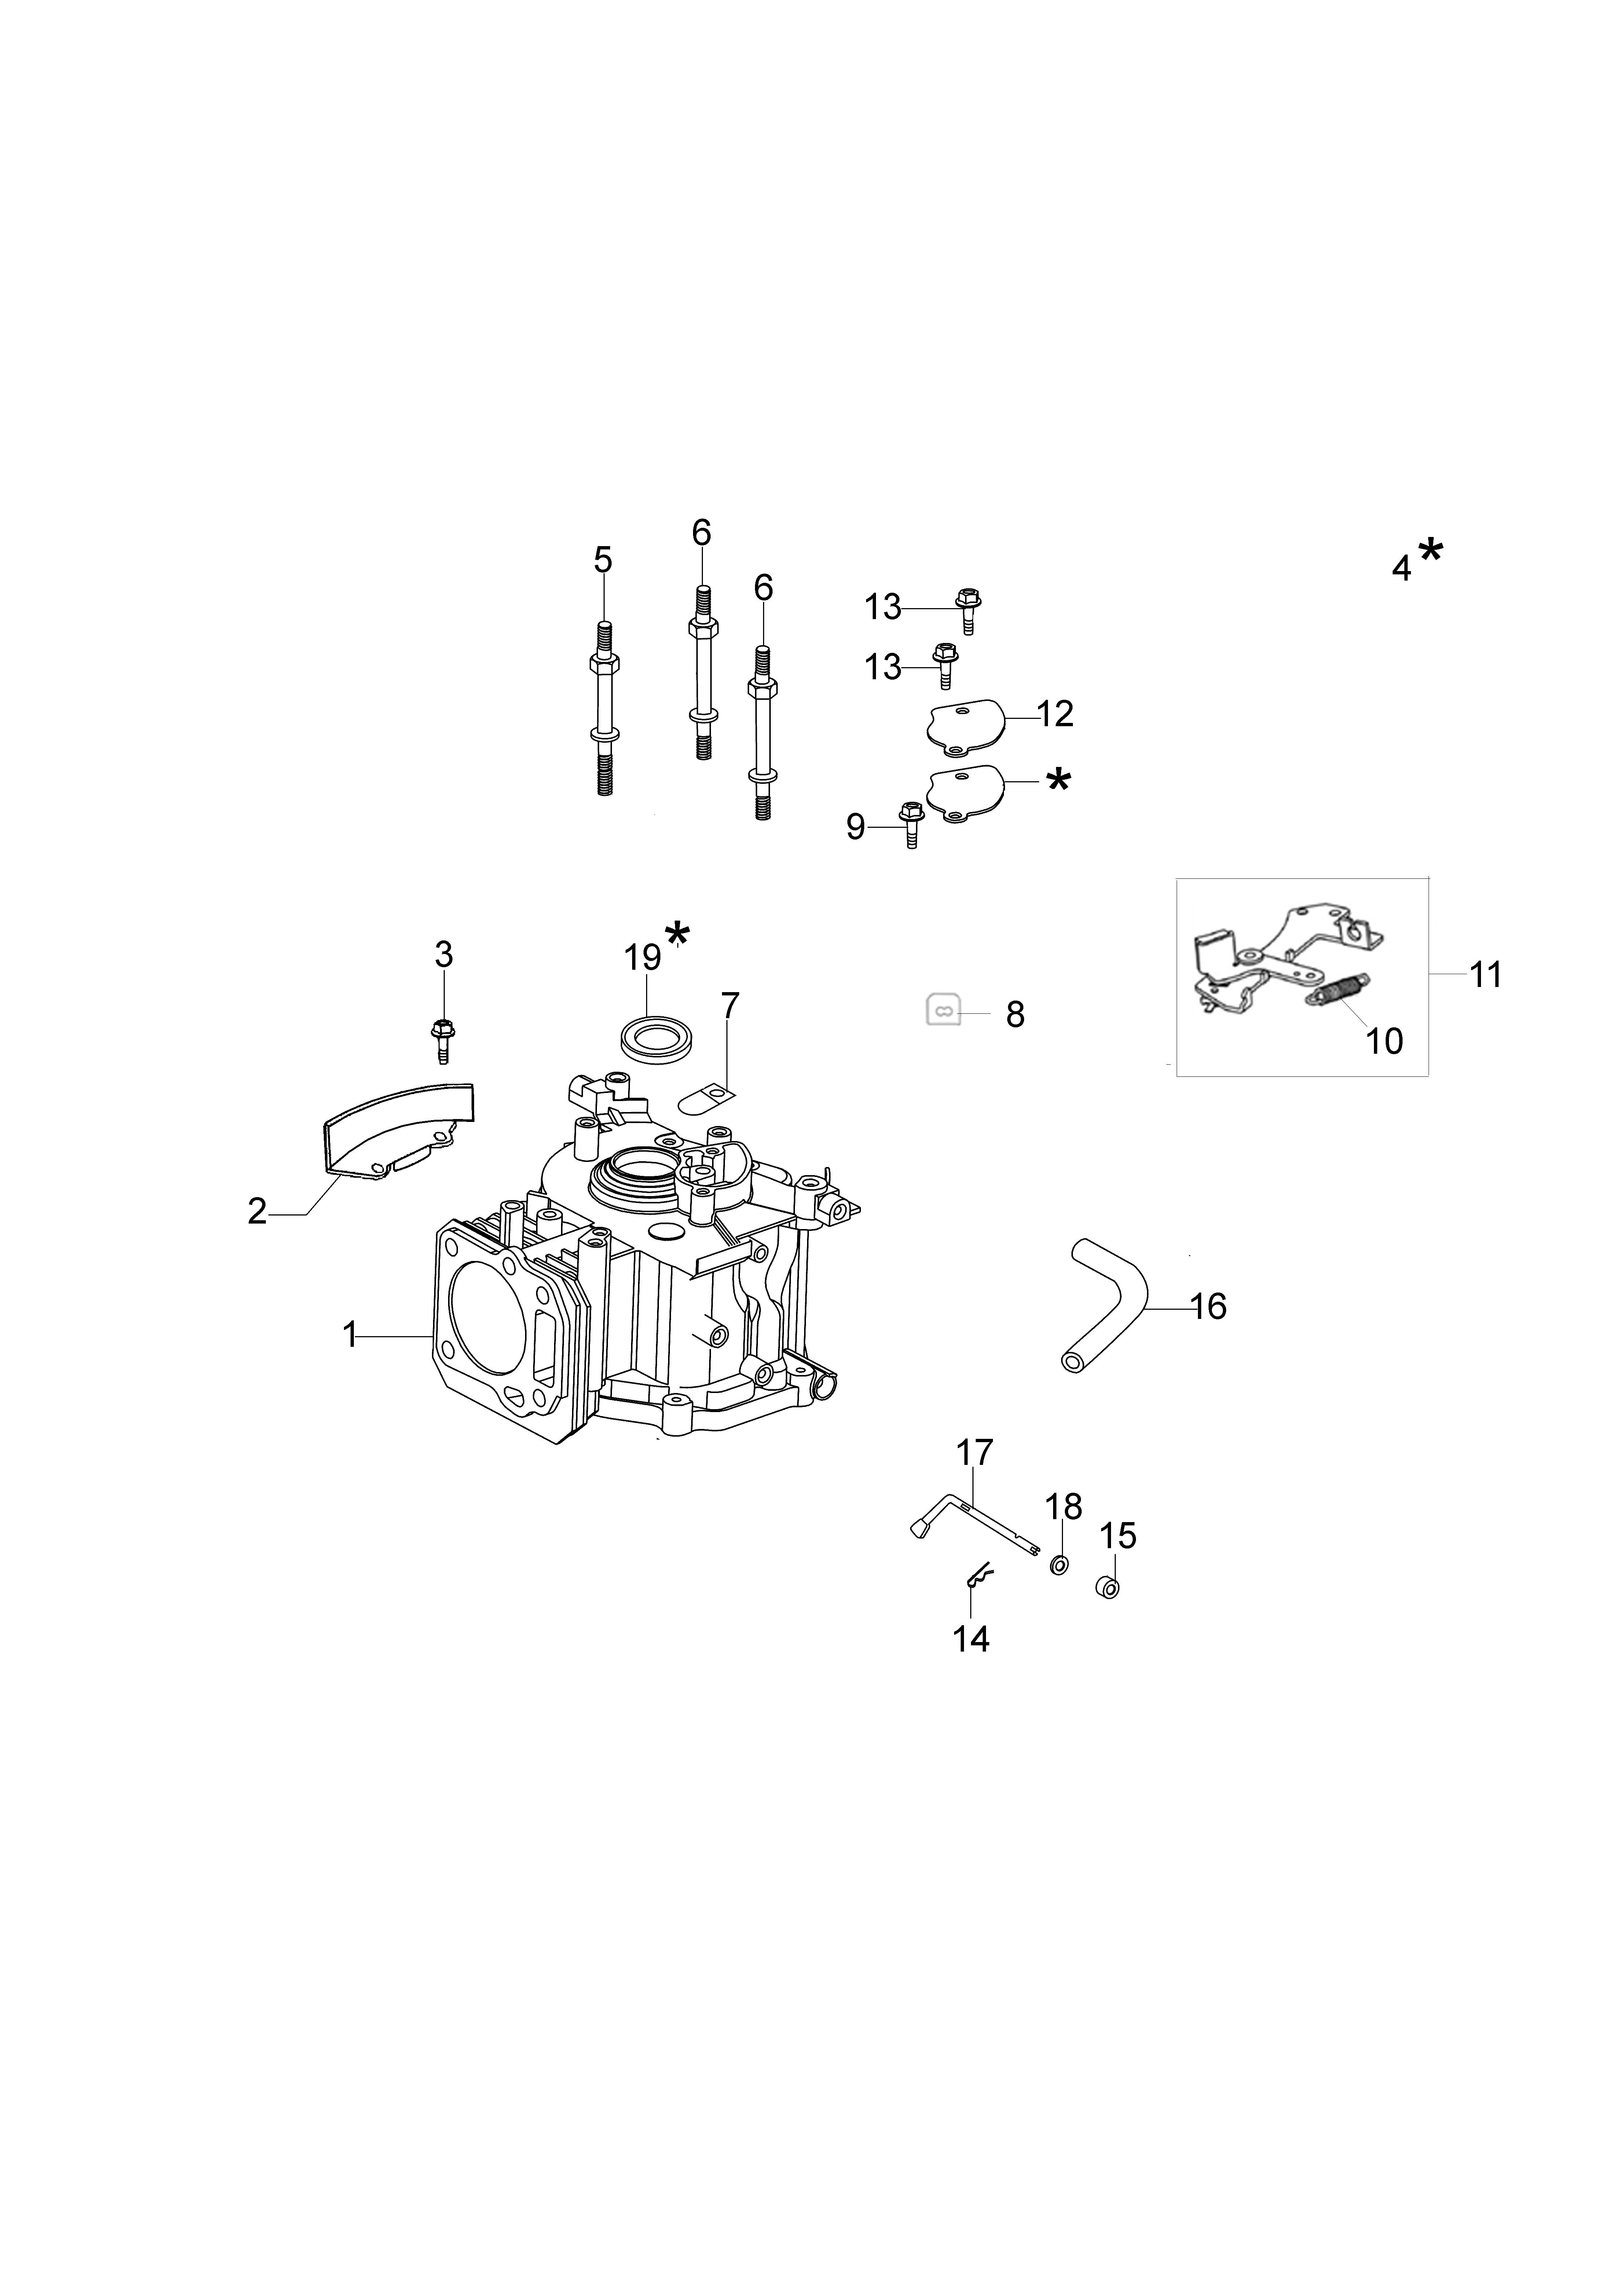 MOTEUR K700 emak vue éclatée Dessins pièces - Cylindre et soubassement